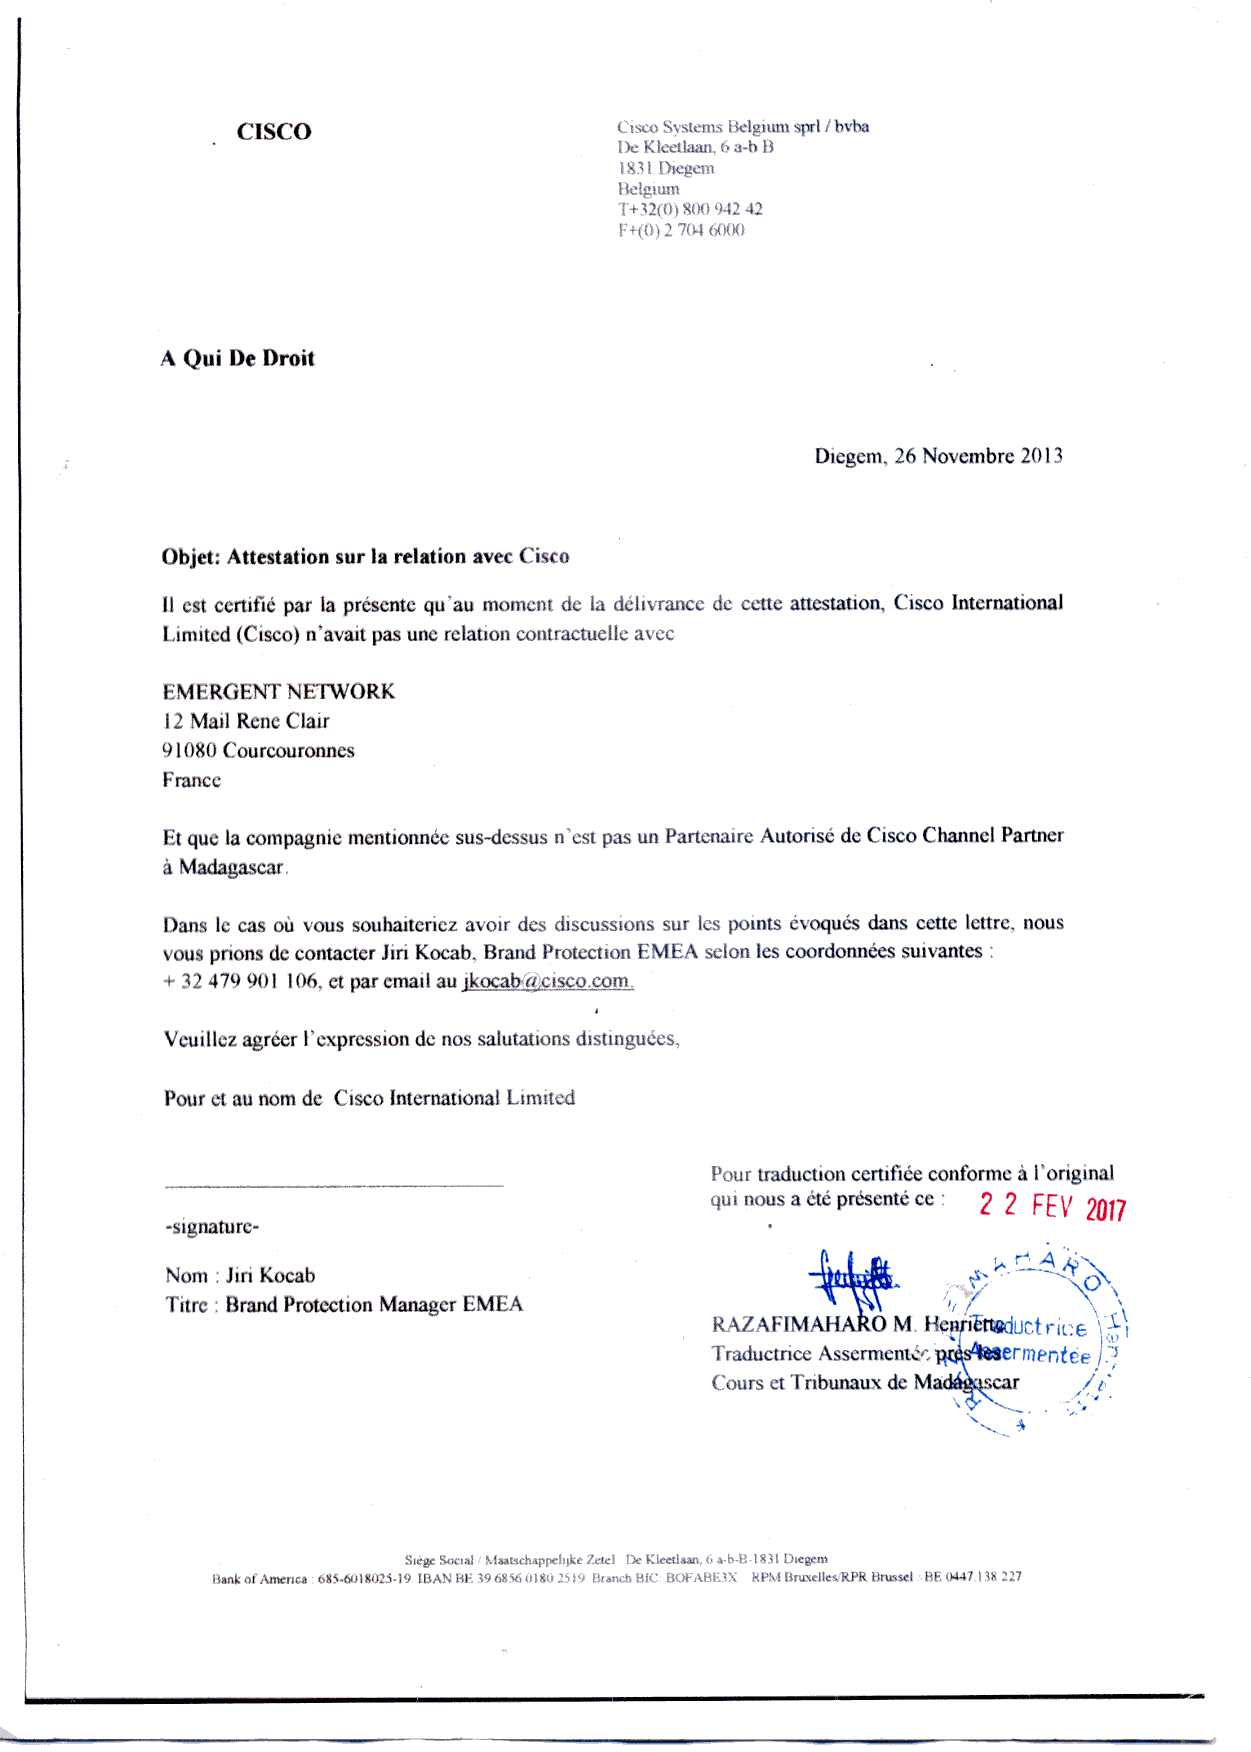 attestation cisco du 26 novembre 2013 traduite par RAZAFIMAHARO - A vous de juger avec la totalité des jugements rendus par les Tribunaux et les Cours à Madagascar